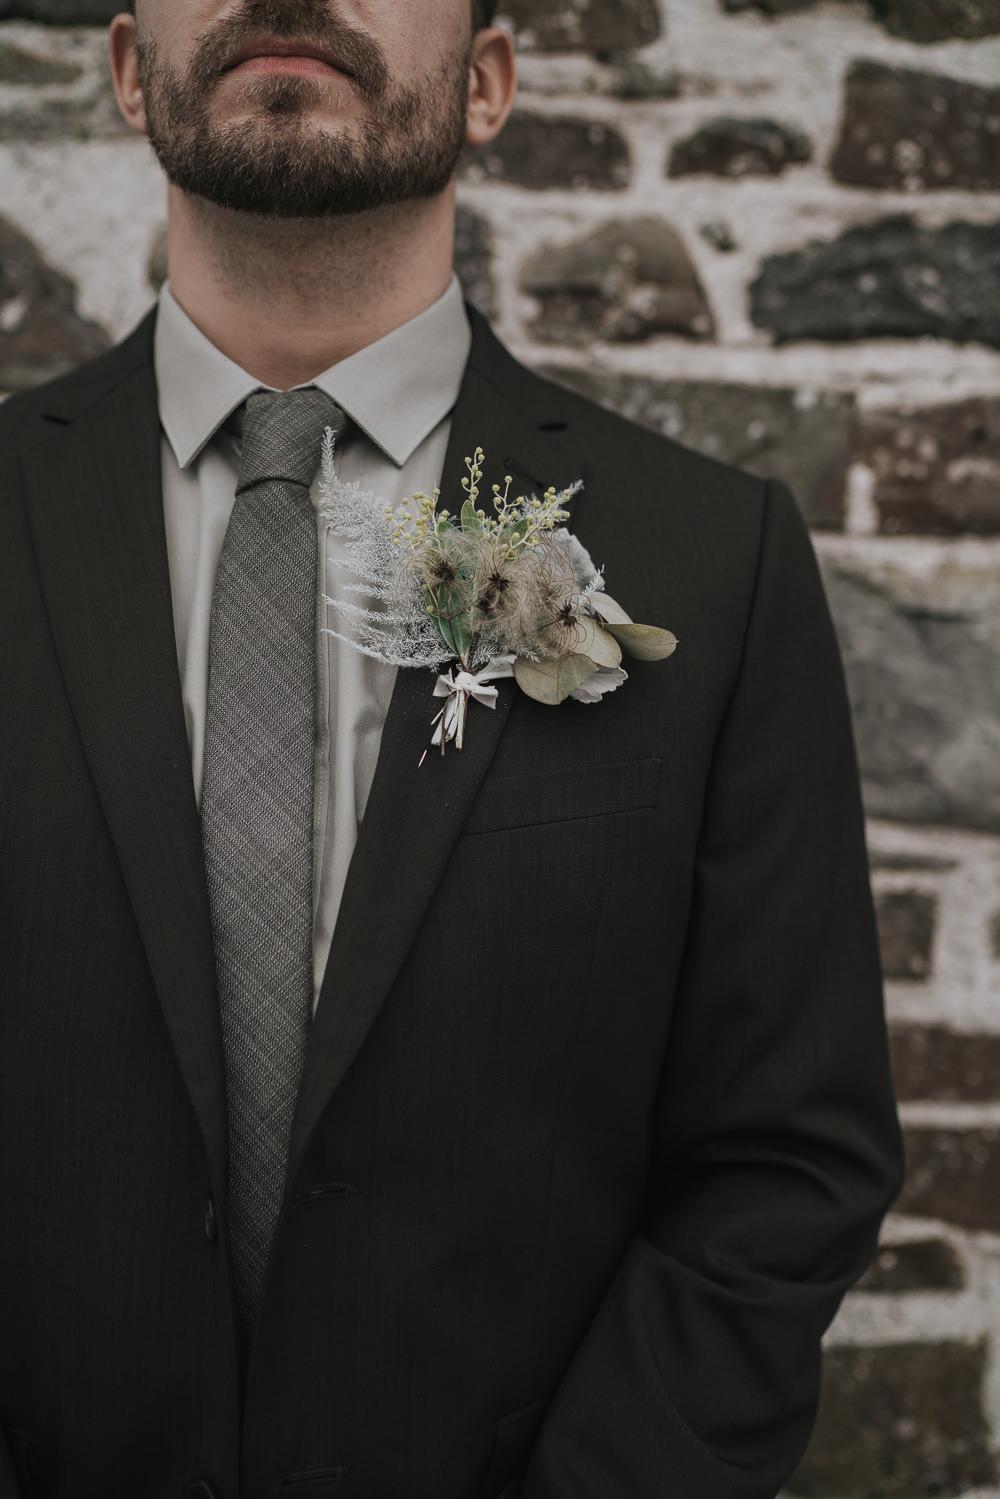 Groom Suit Tie Buttonhole Flowers Grey Wedding Ideas Grace Elizabeth